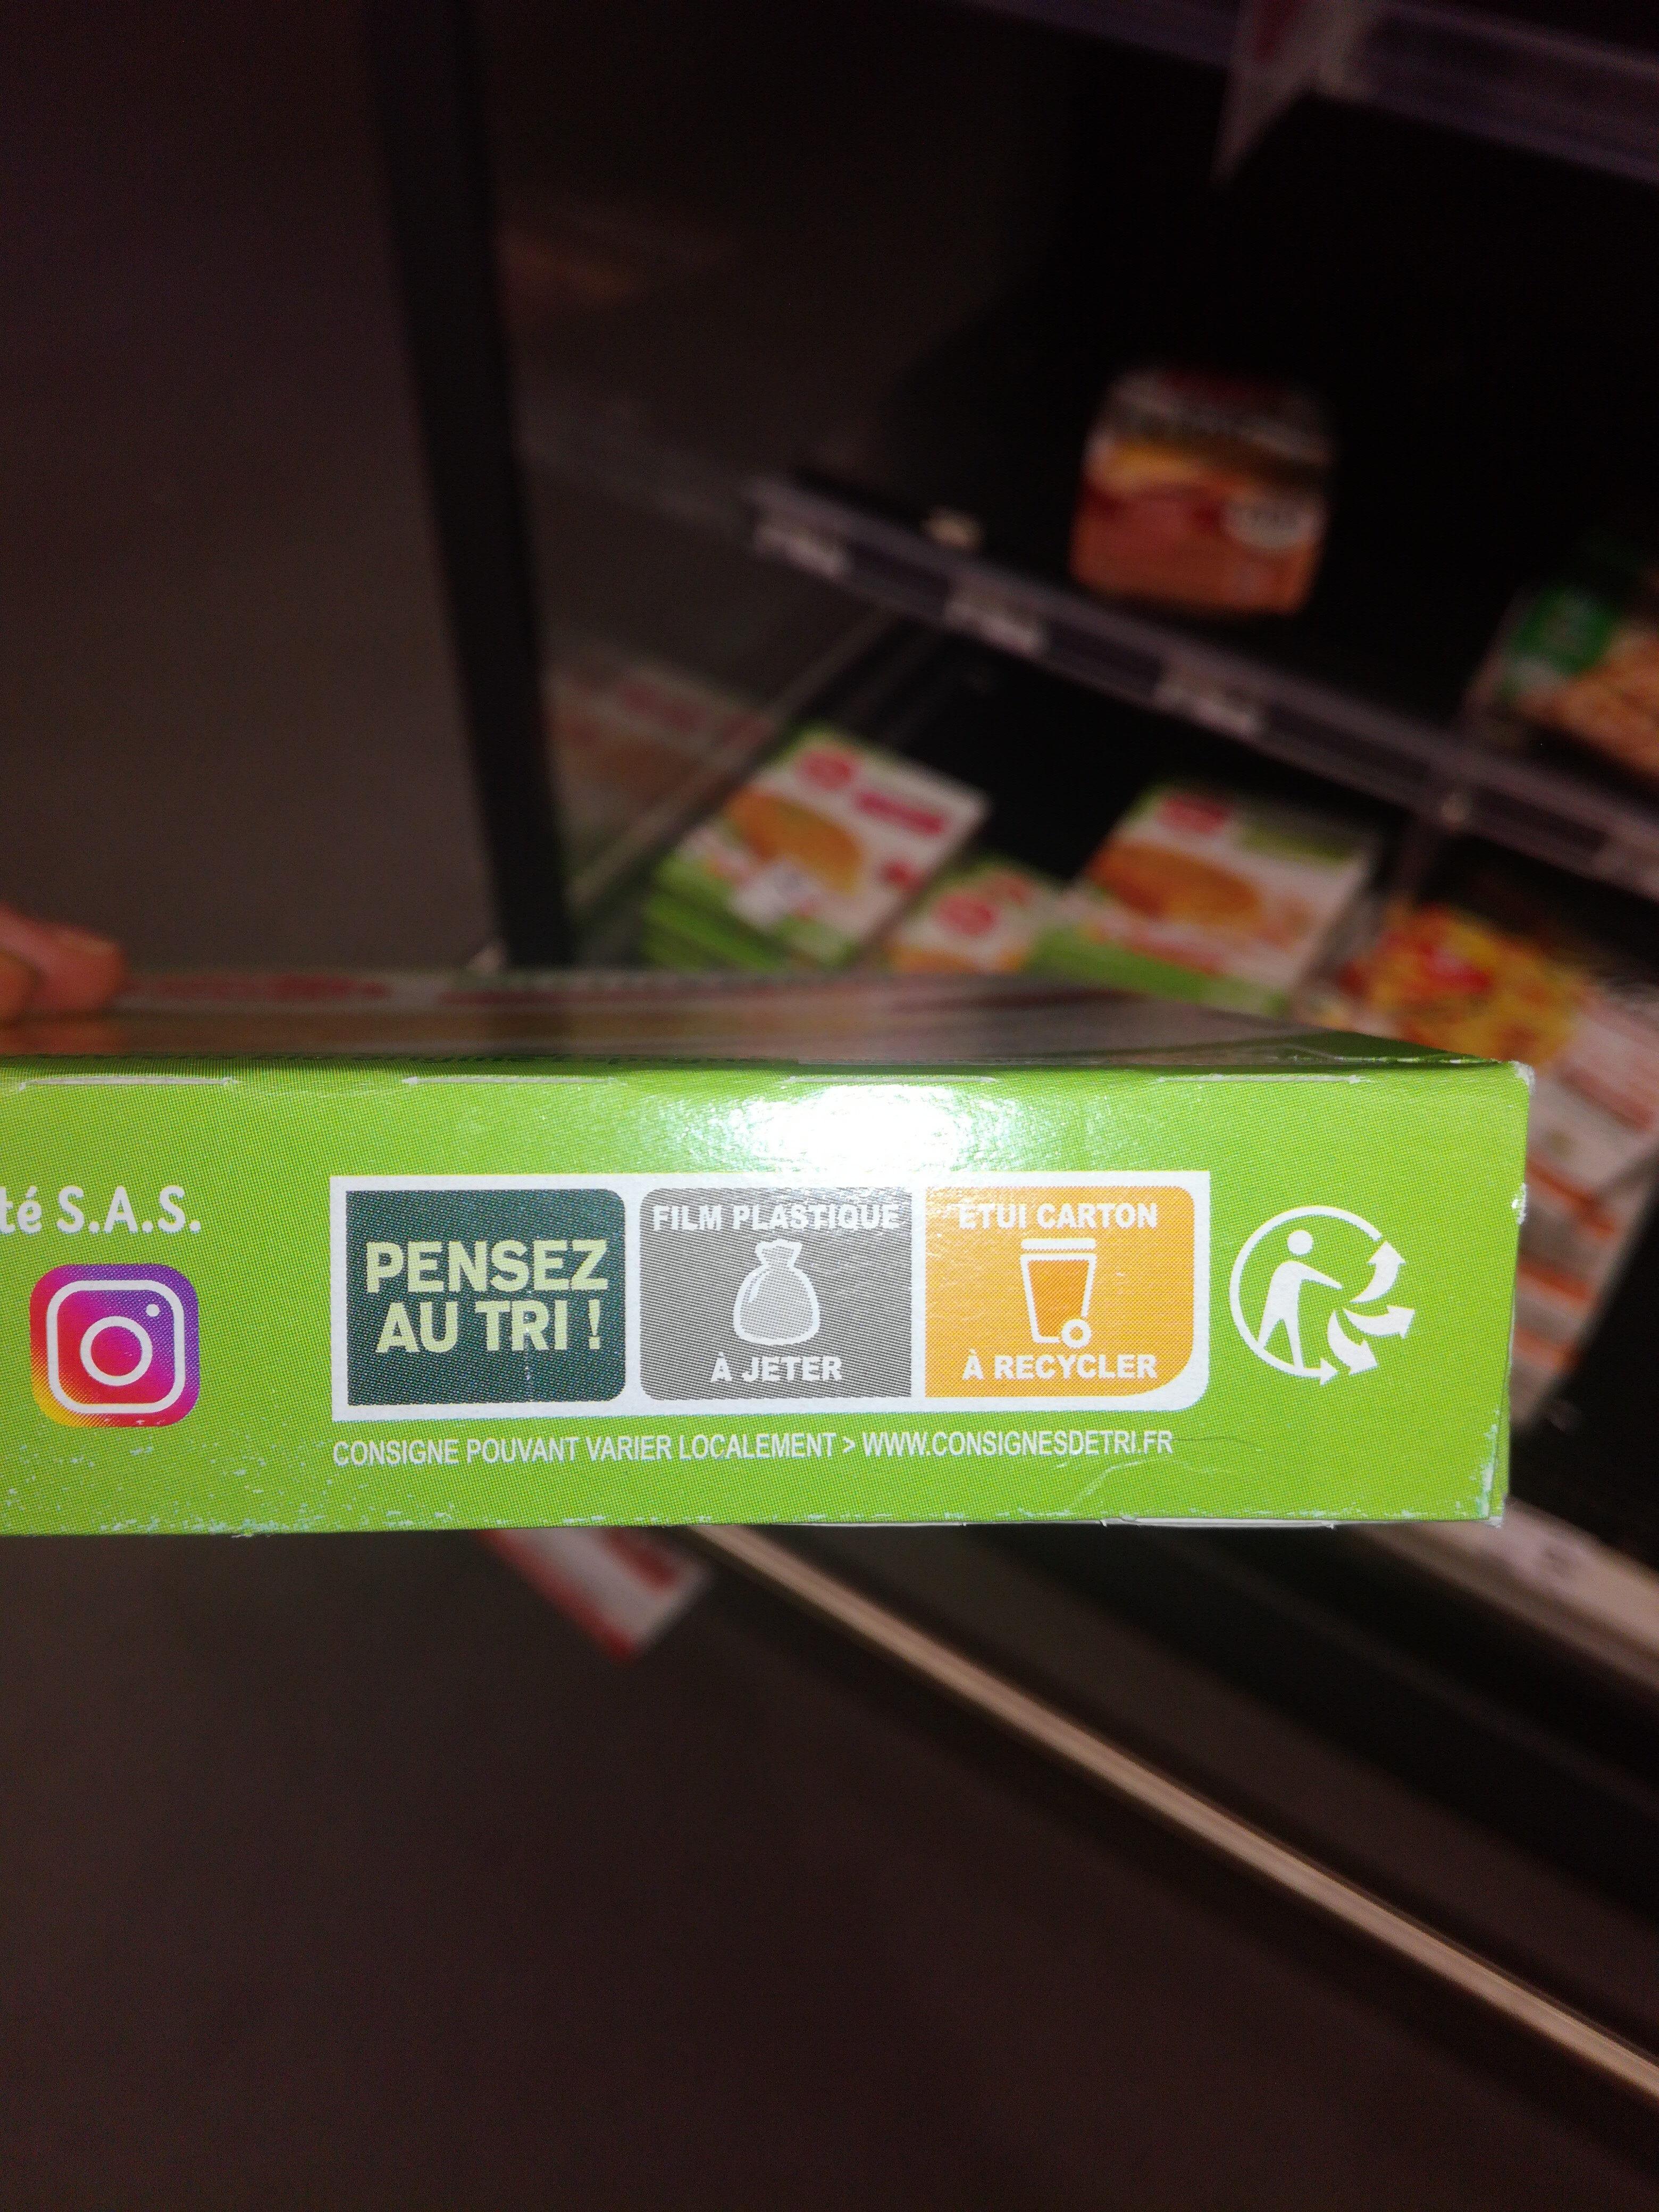 Galettes céréales riz, légumes, safran - Instruction de recyclage et/ou information d'emballage - fr